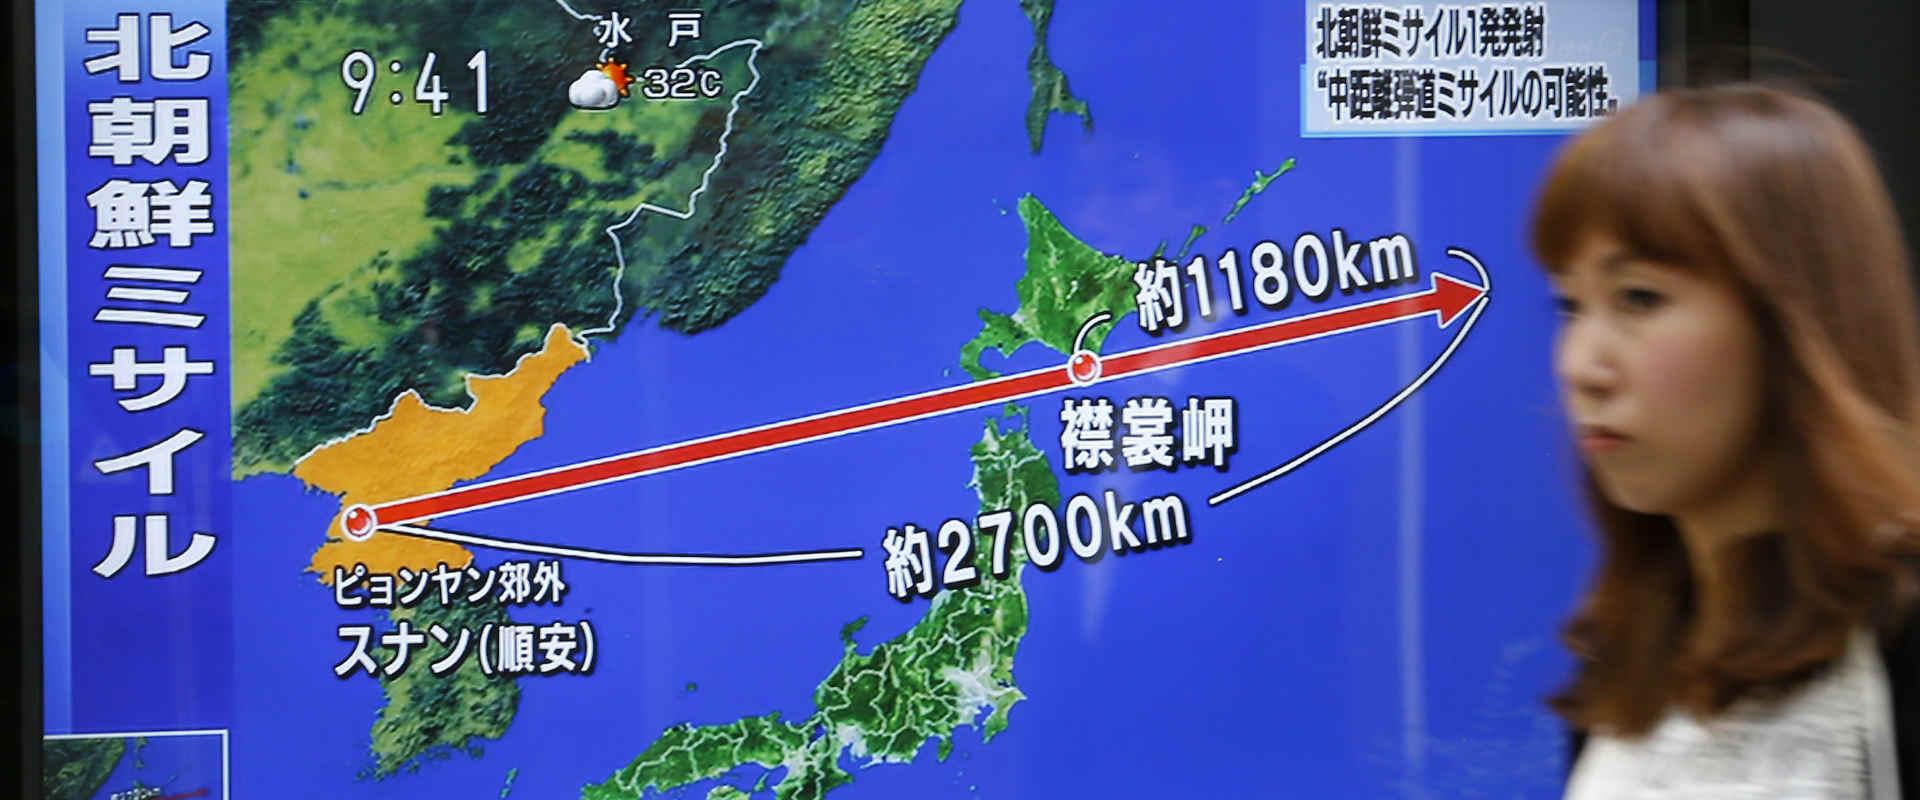 תושבת טוקיו ליד טלוויזיה המדווחת על שיגור הטיל